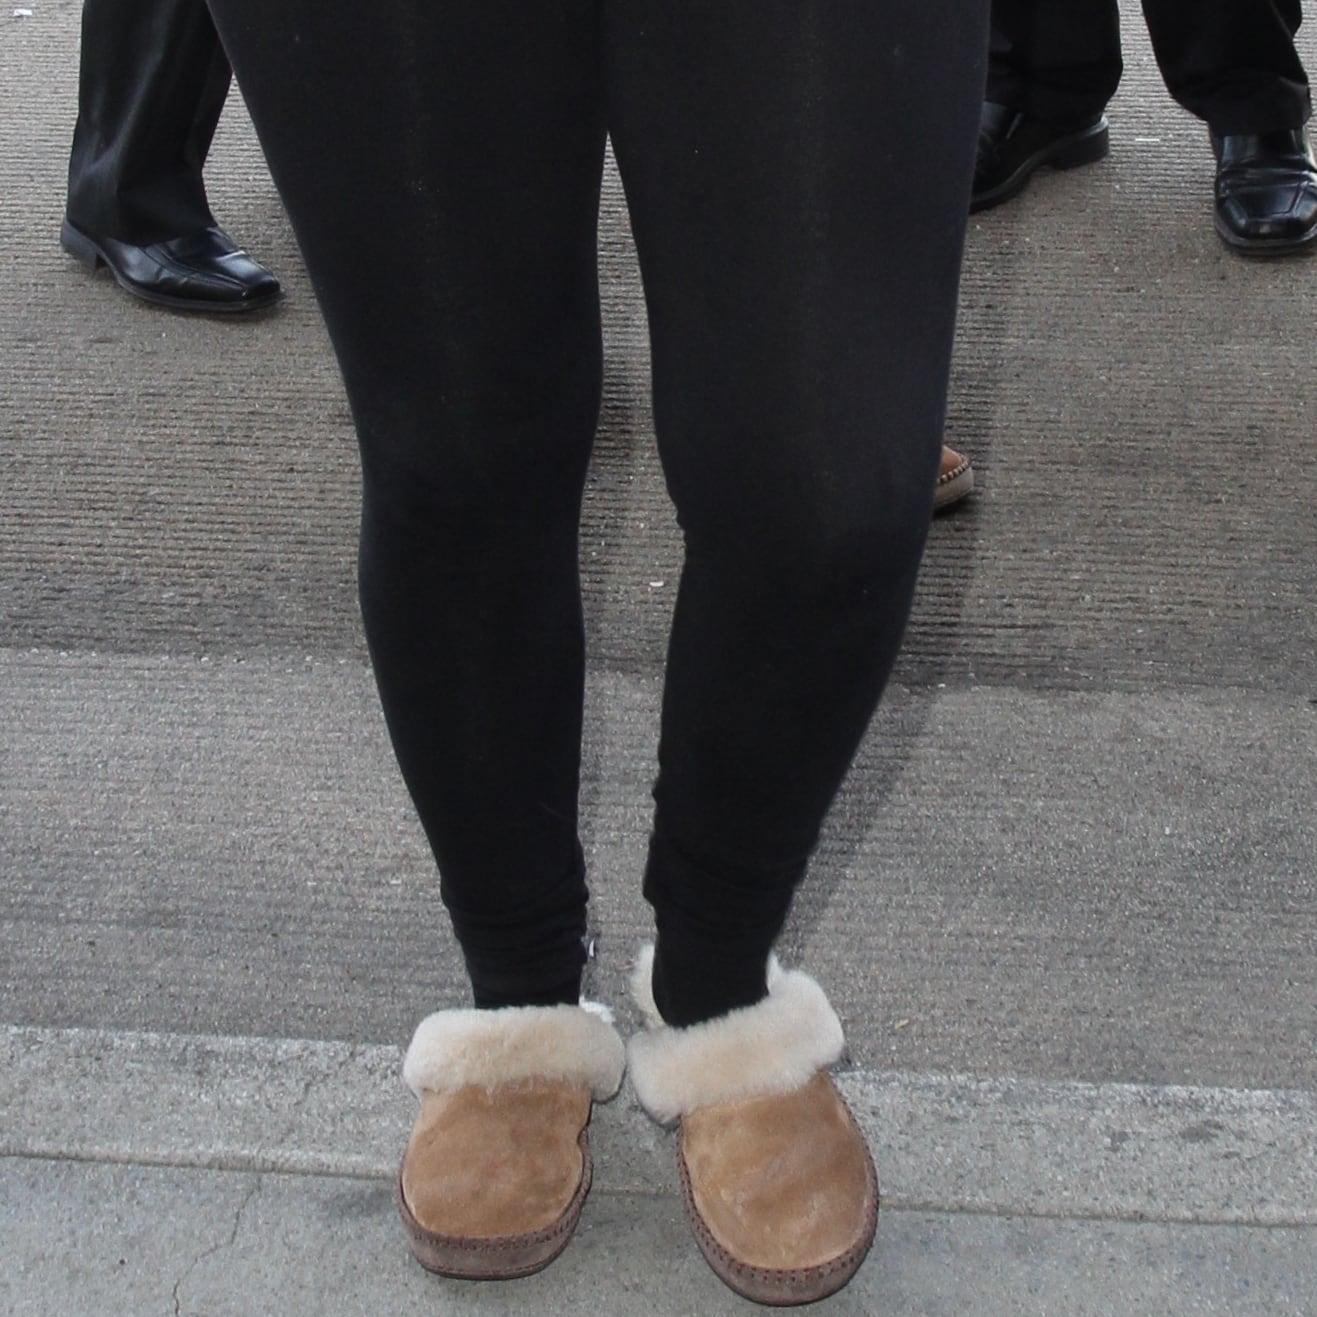 Meghan Trainor wears slippers with leggings